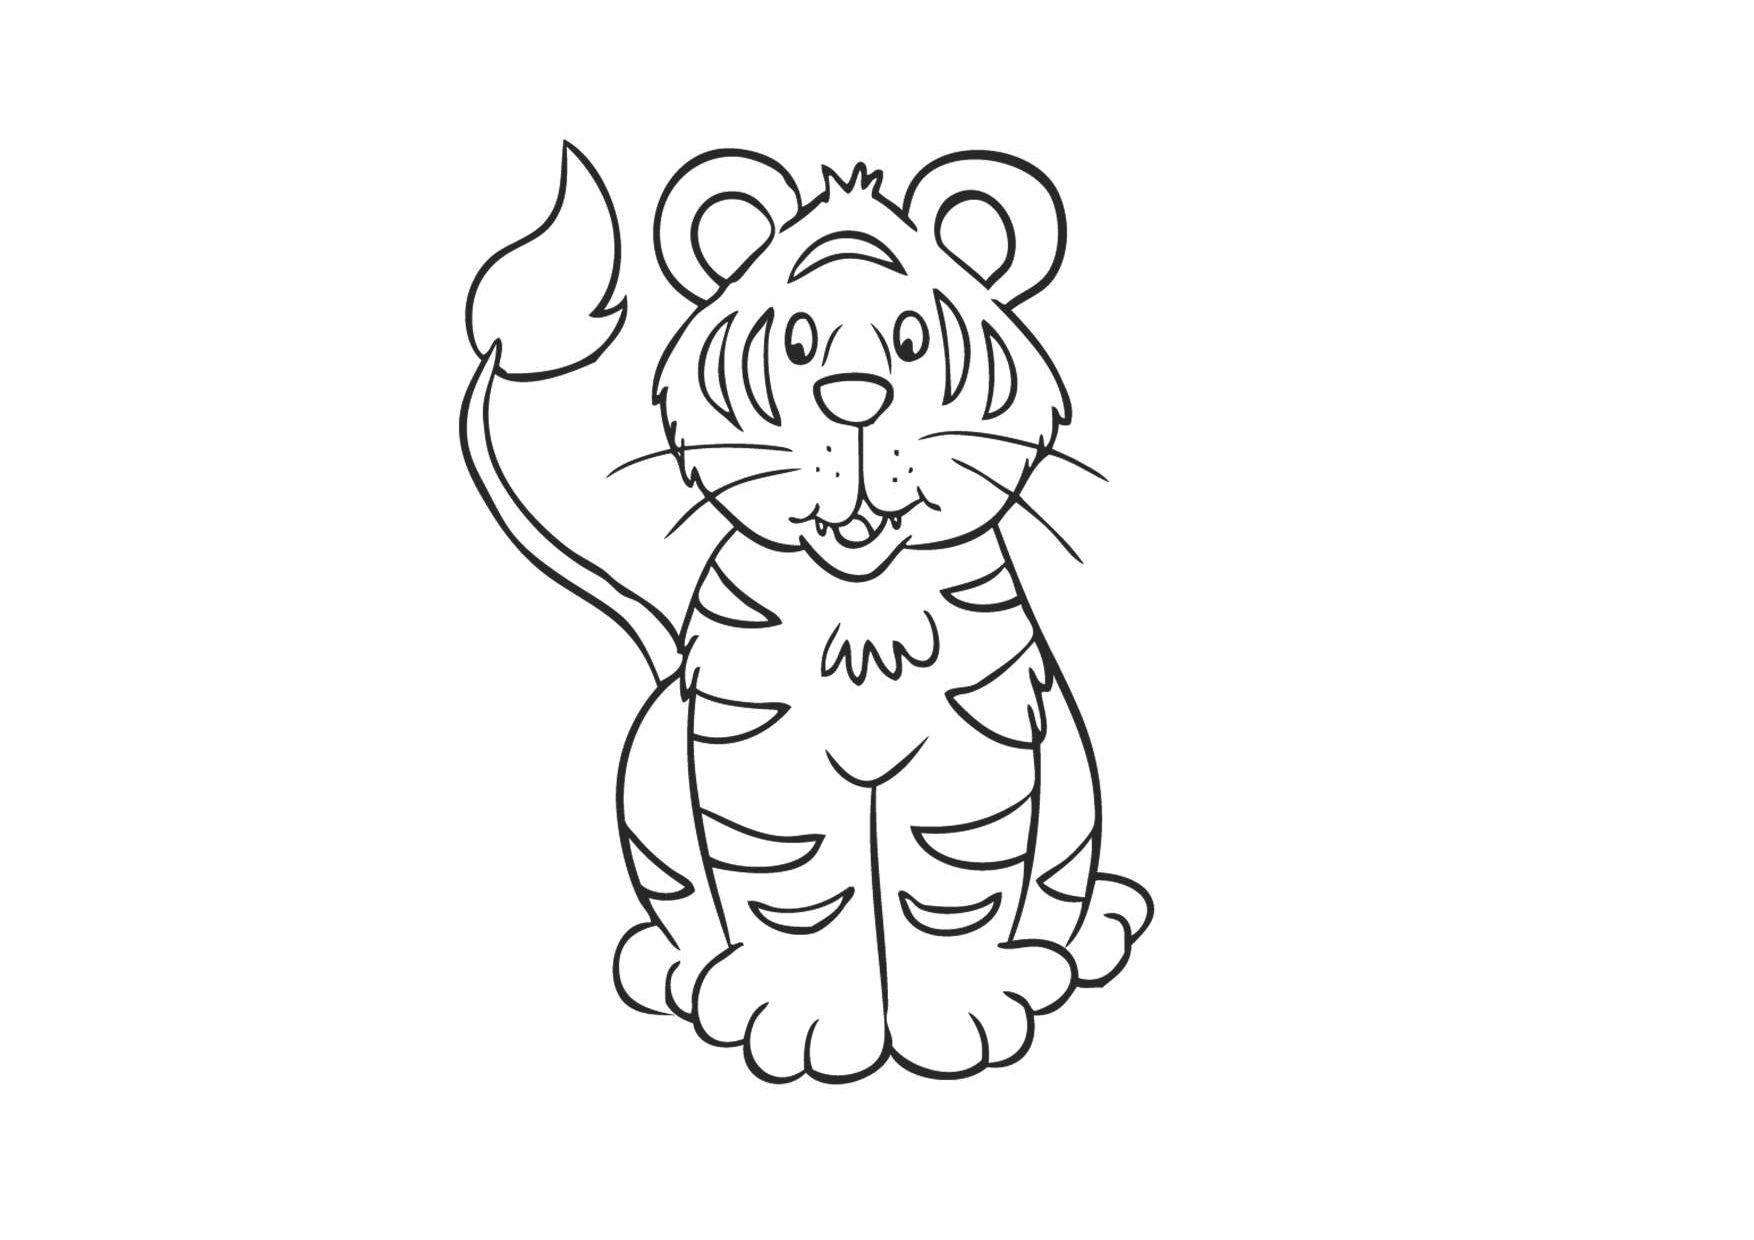 Tranh tô màu con hổ đẹp, đáng yêu